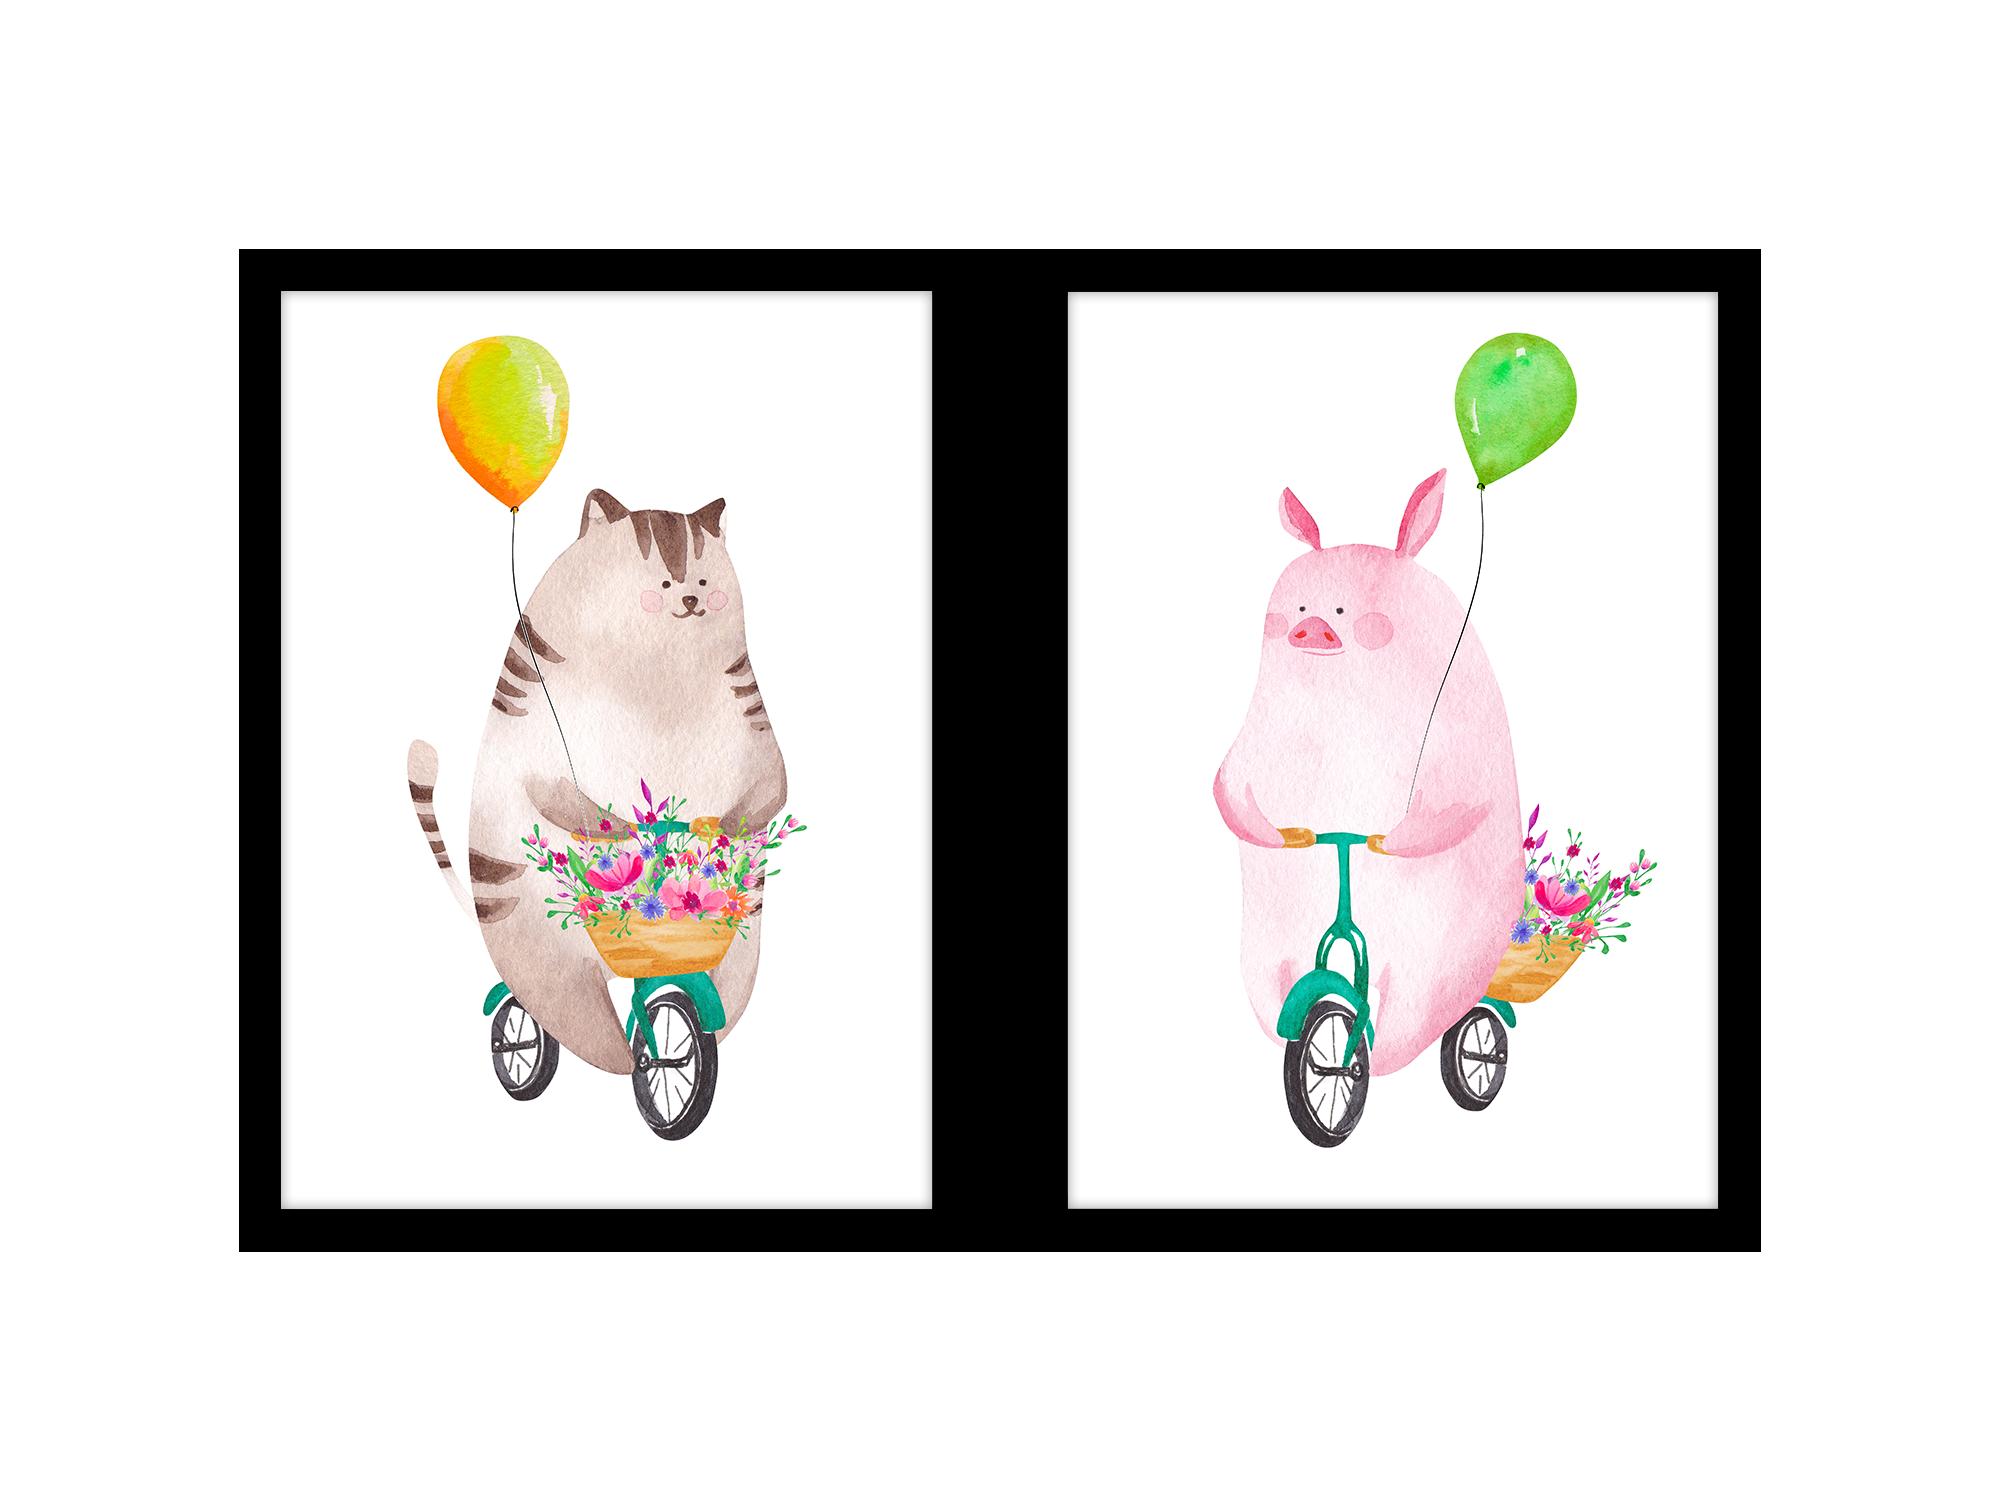 Tranh trang trí phòng trẻ em Pig and bicycle